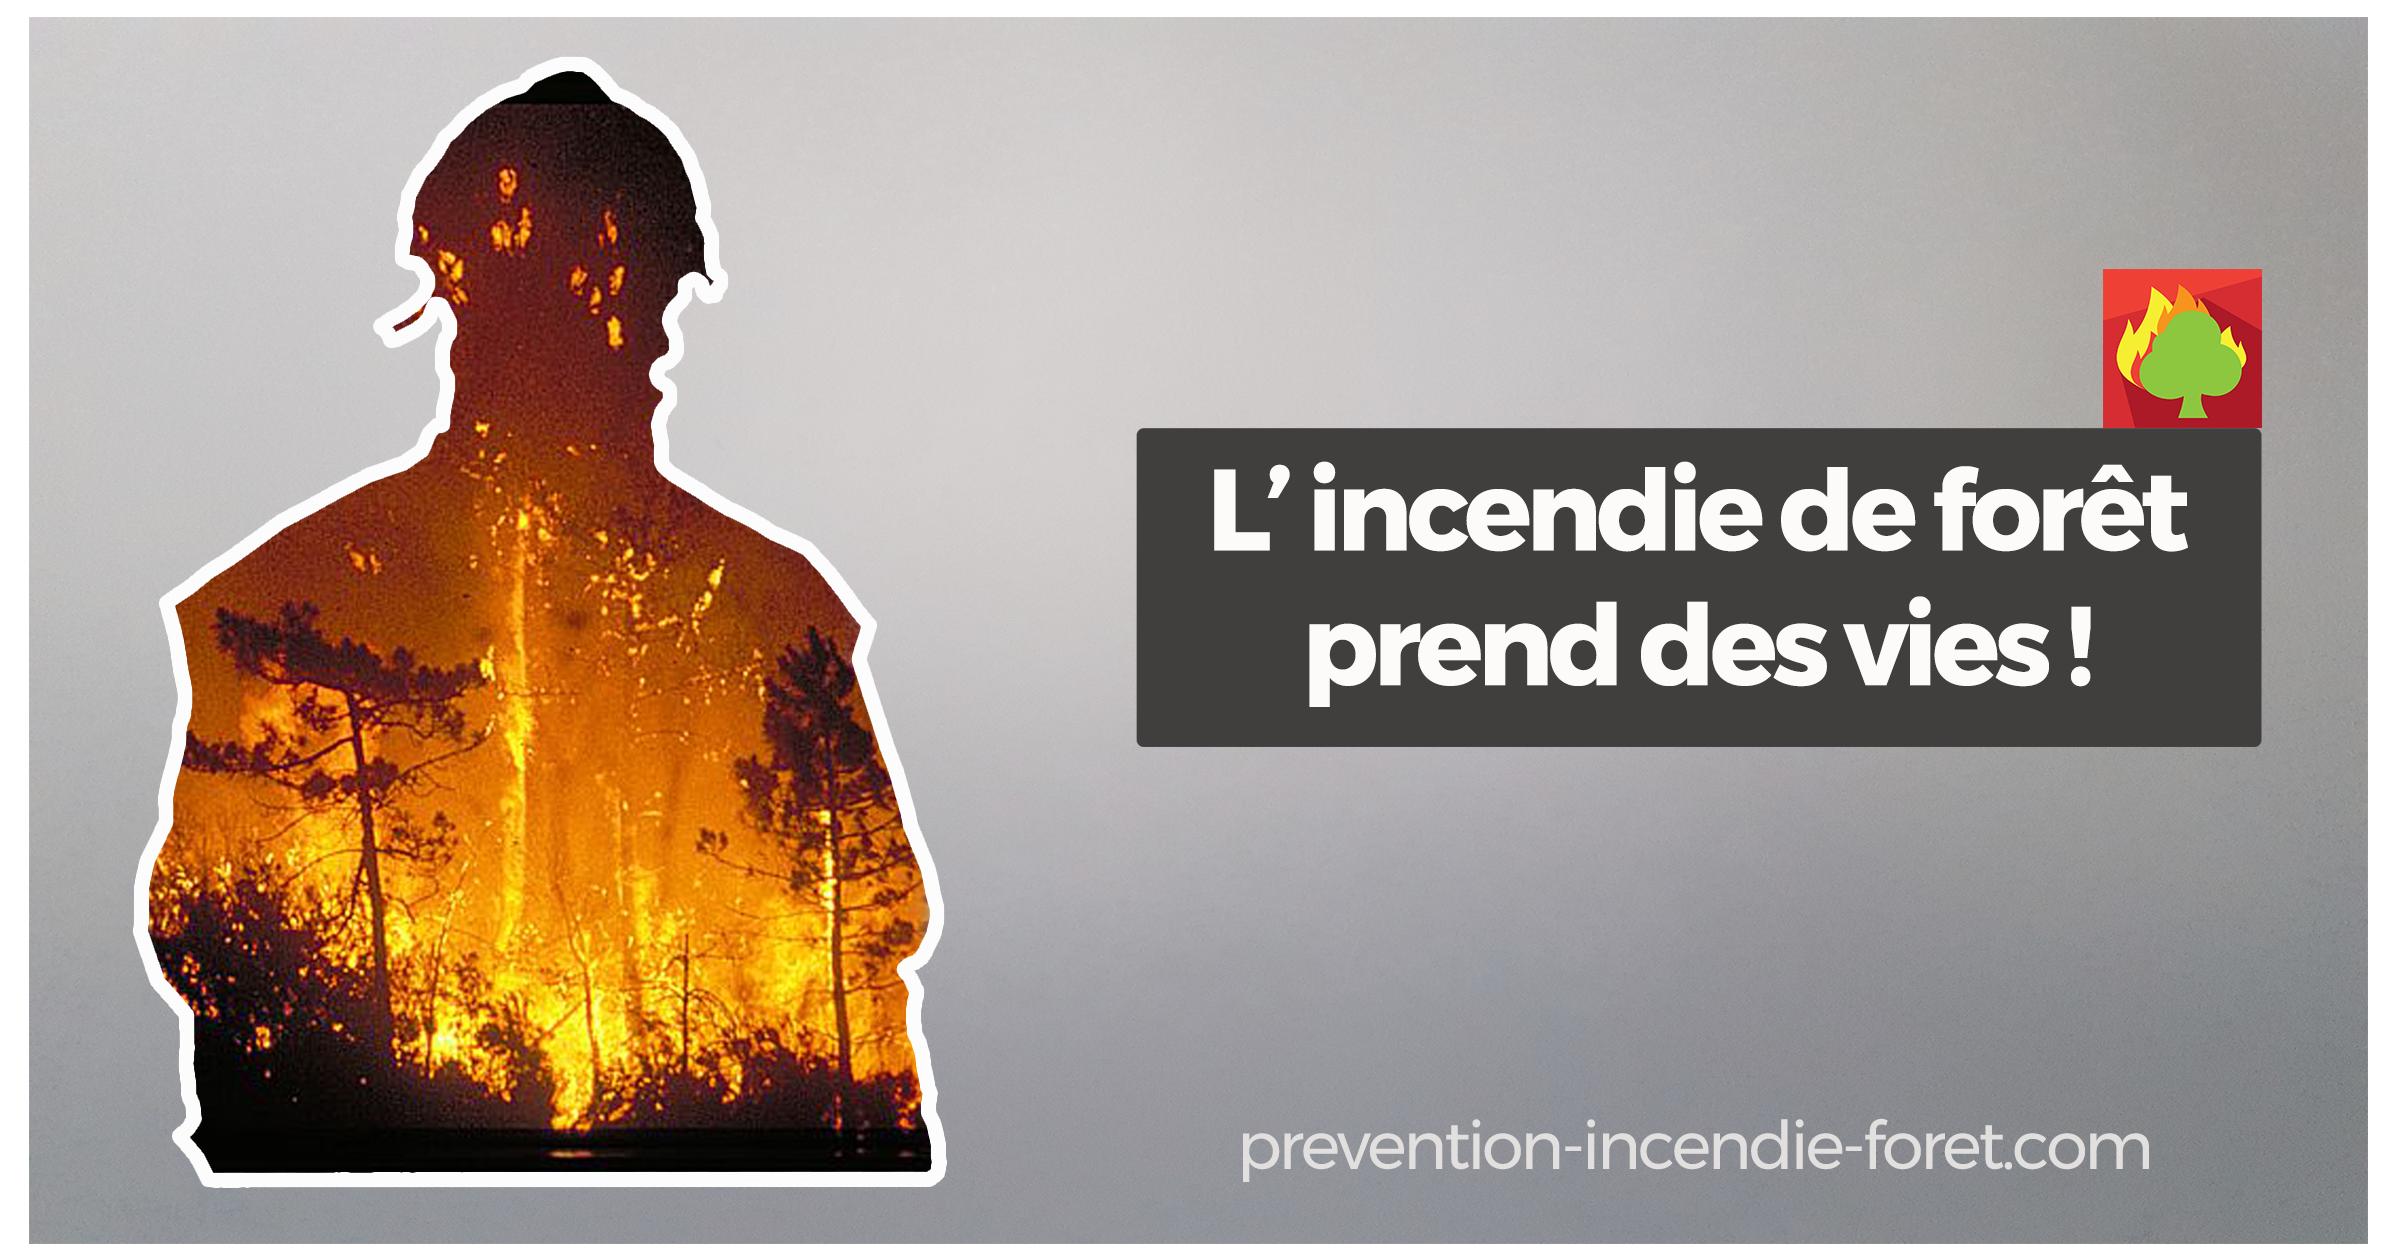 L'incendie de forêt prend des vies